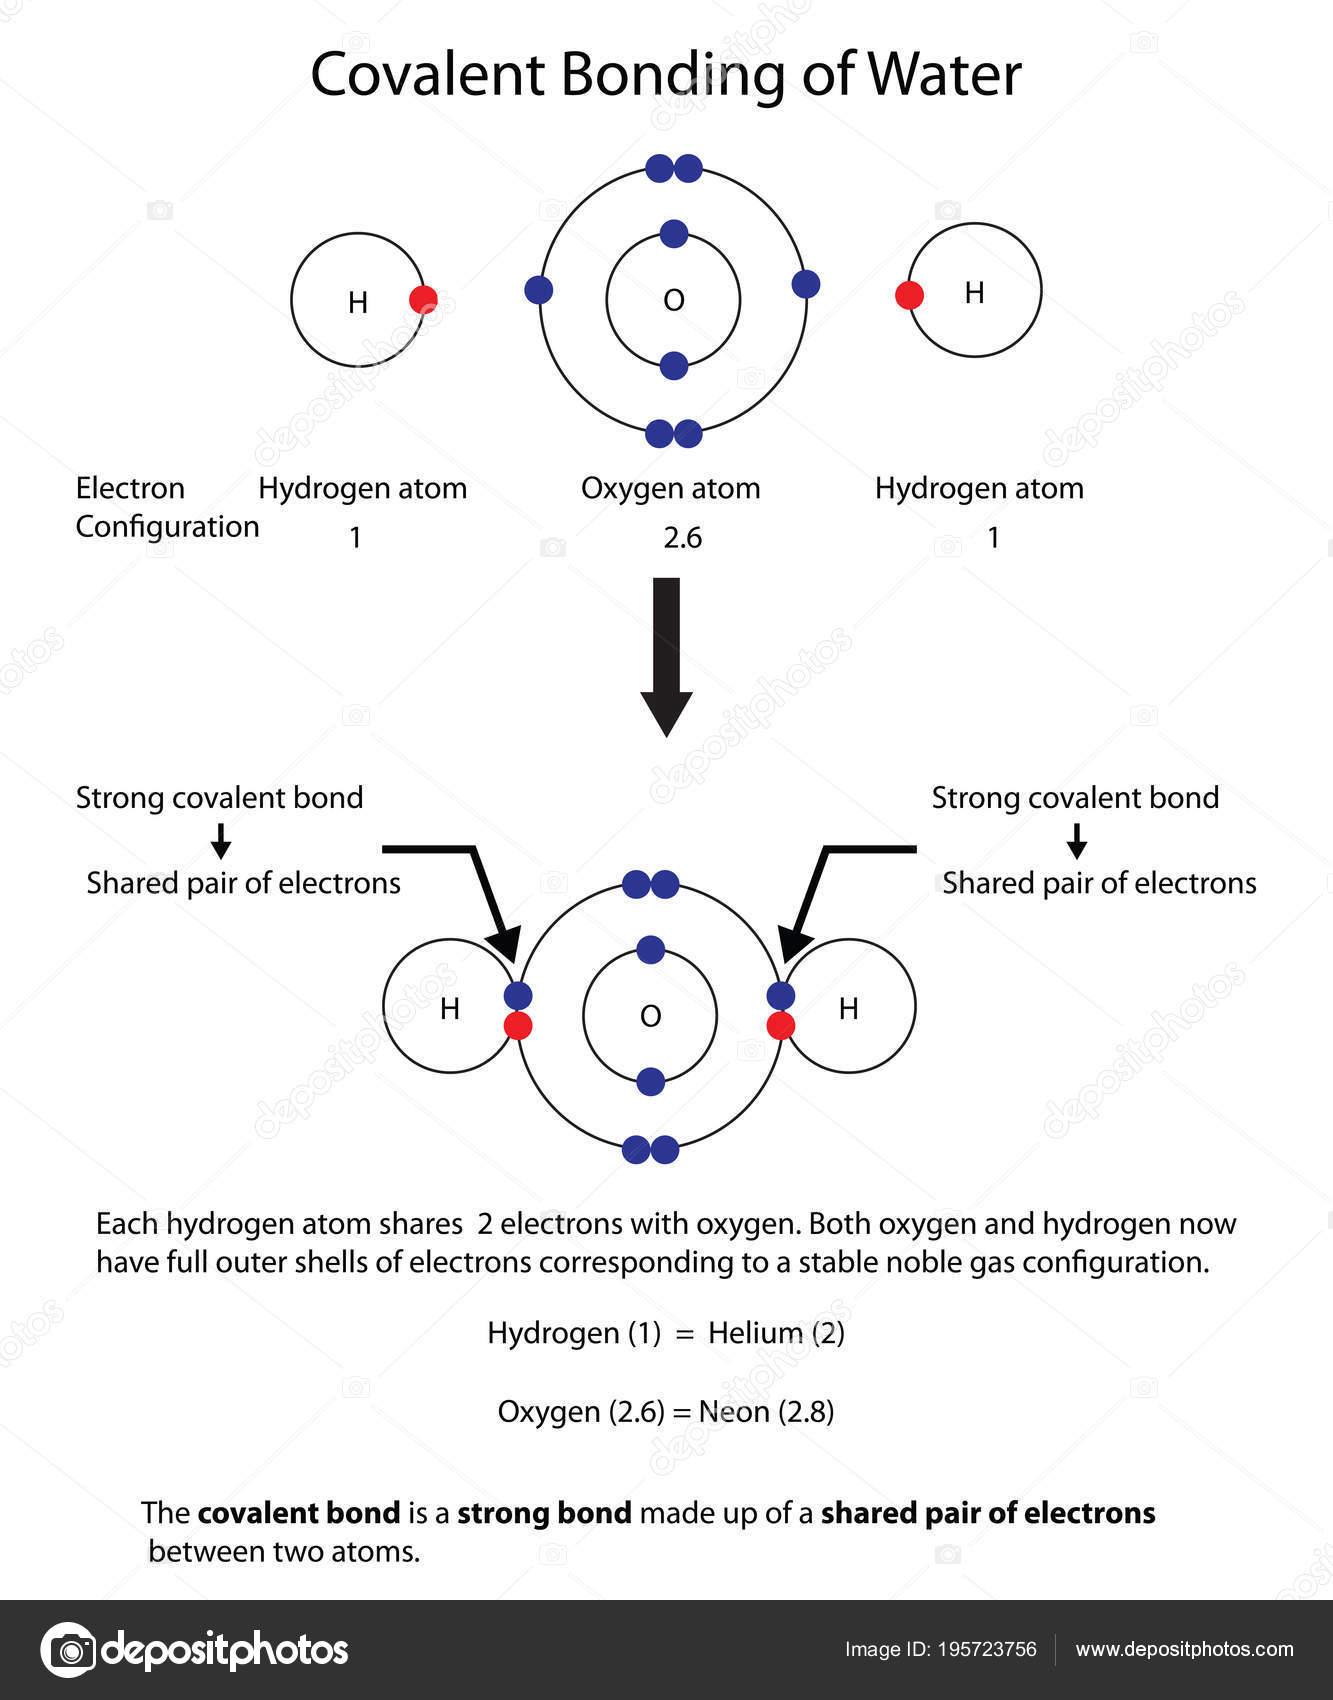 Diagramm Zur Kovalenten Bindung Im Wasser Mit Einem Voll Labor Zu Oxygen Atom Structure Diagram Stock Photo Veranschaulichen Stockvektor